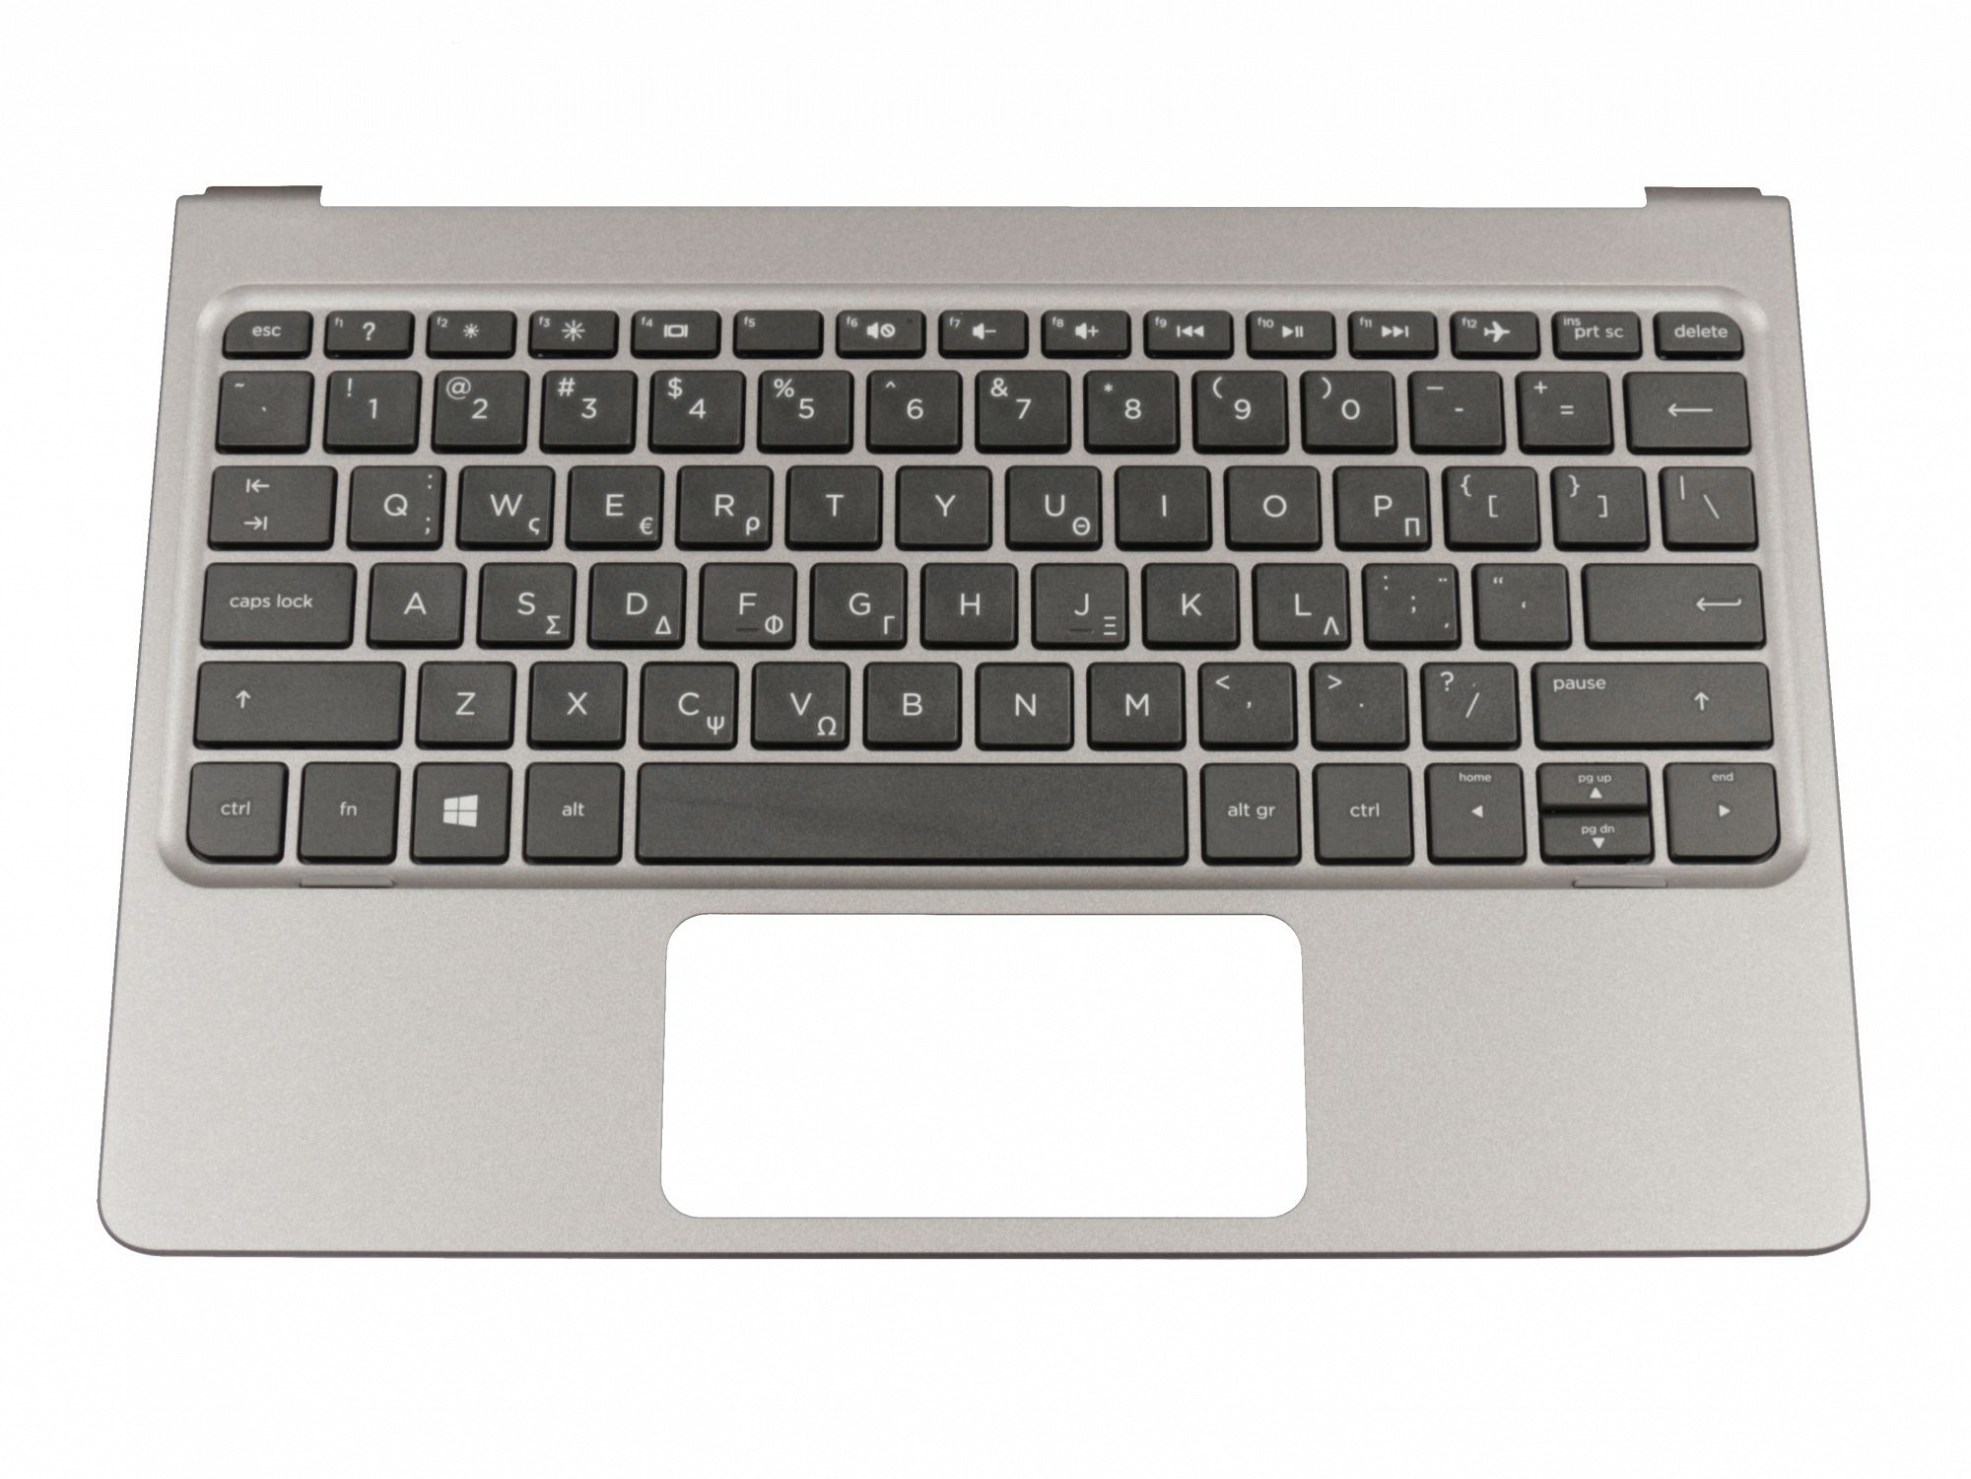 HP 814718-151 Tastatur inkl. Topcase GR (griechisch) schwarz/grau Original